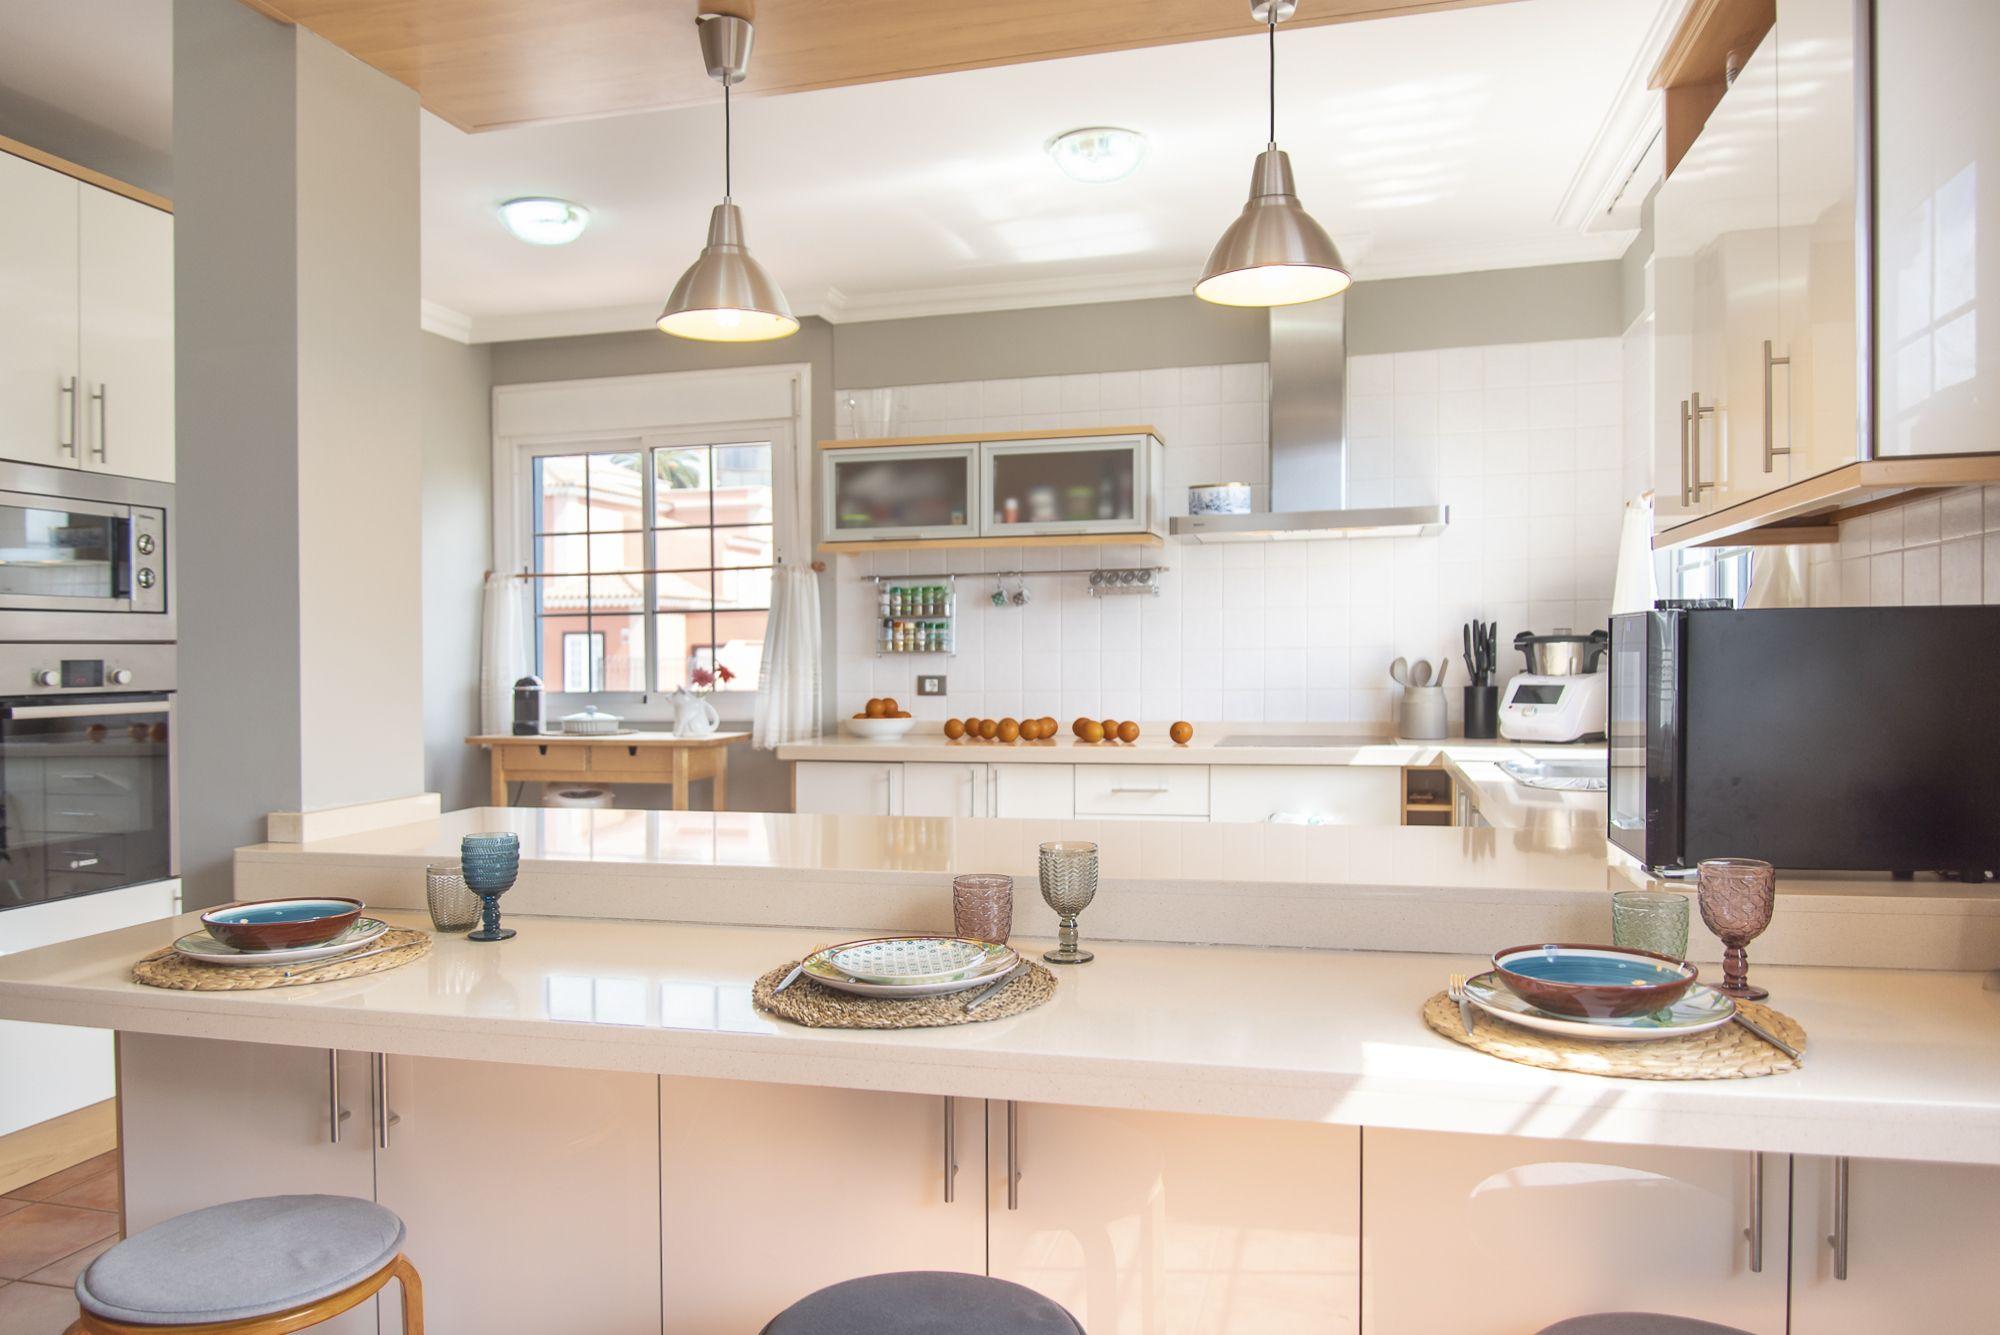 La Casa Azul - Tegueste. Cocina y vista de barra americana